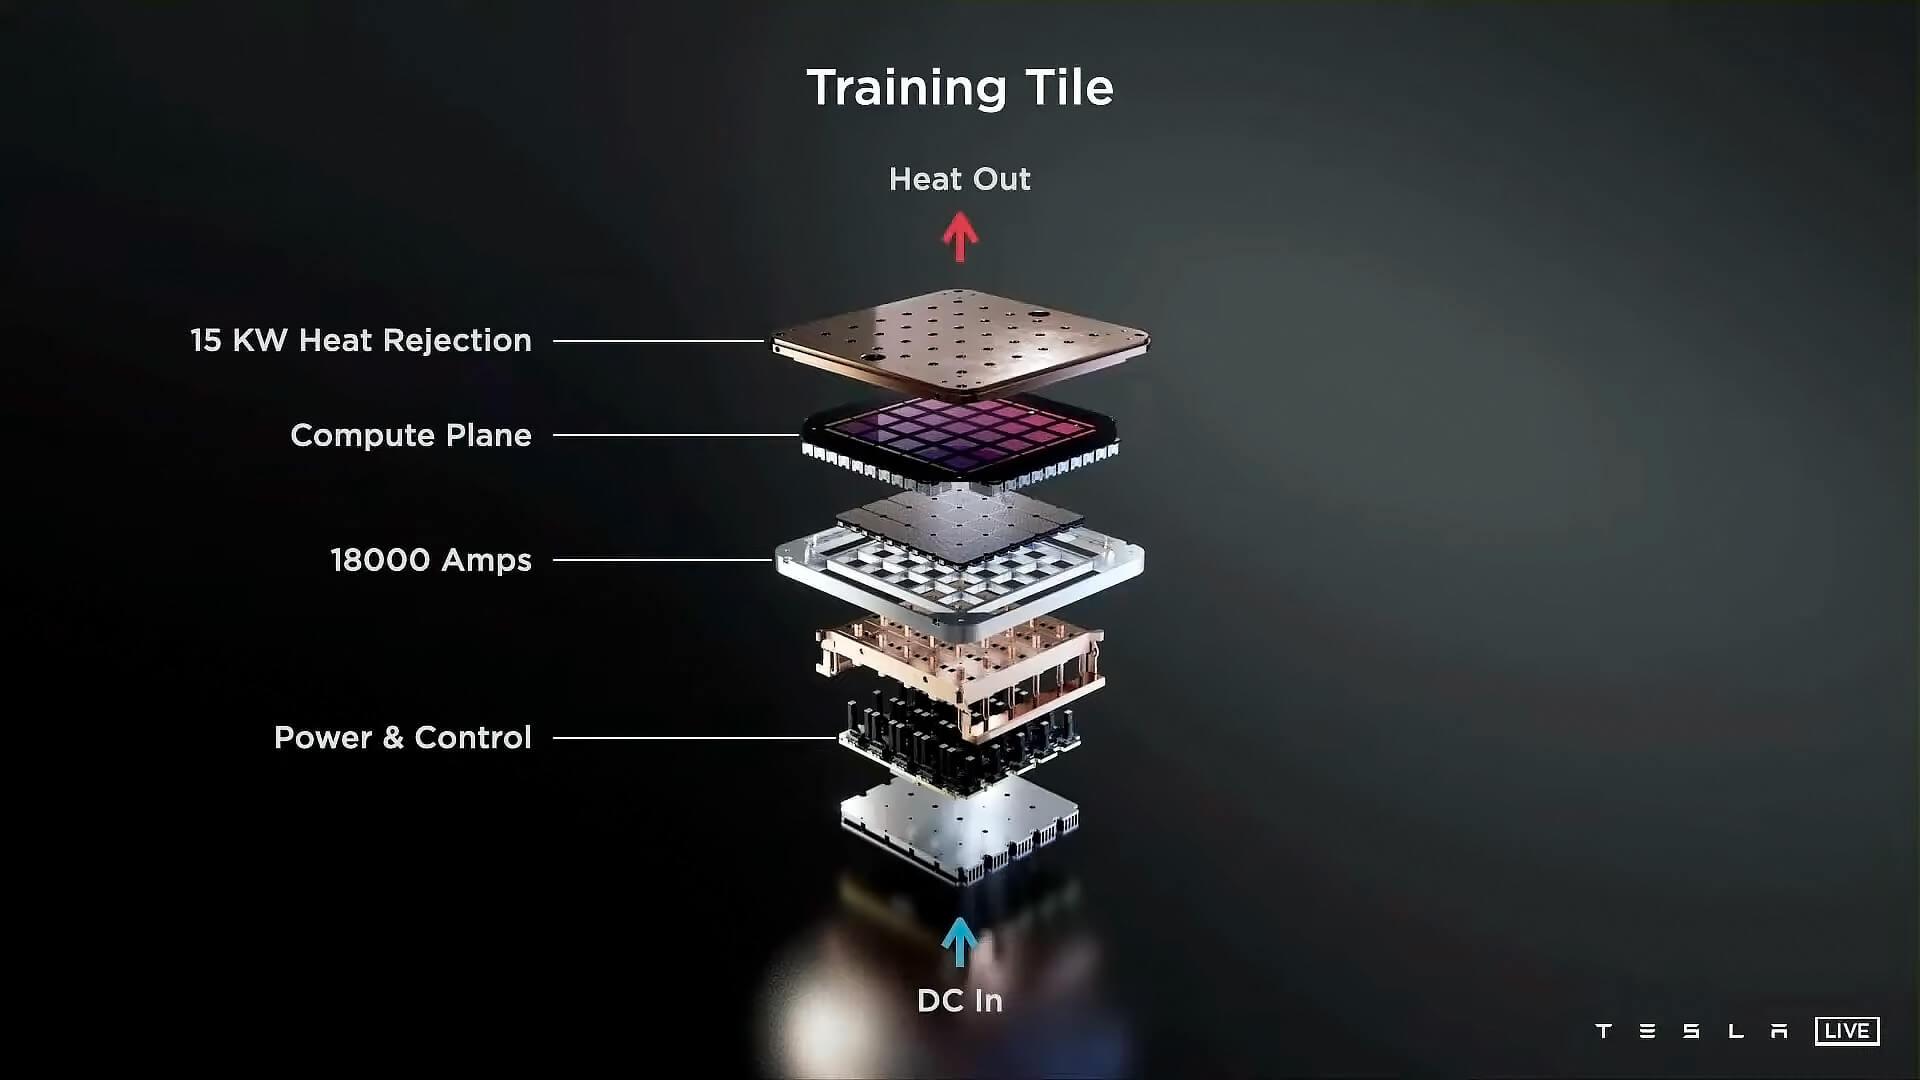 Tesla представила суперкомпьютер Dojo и фирменный чип собственной разработки D1